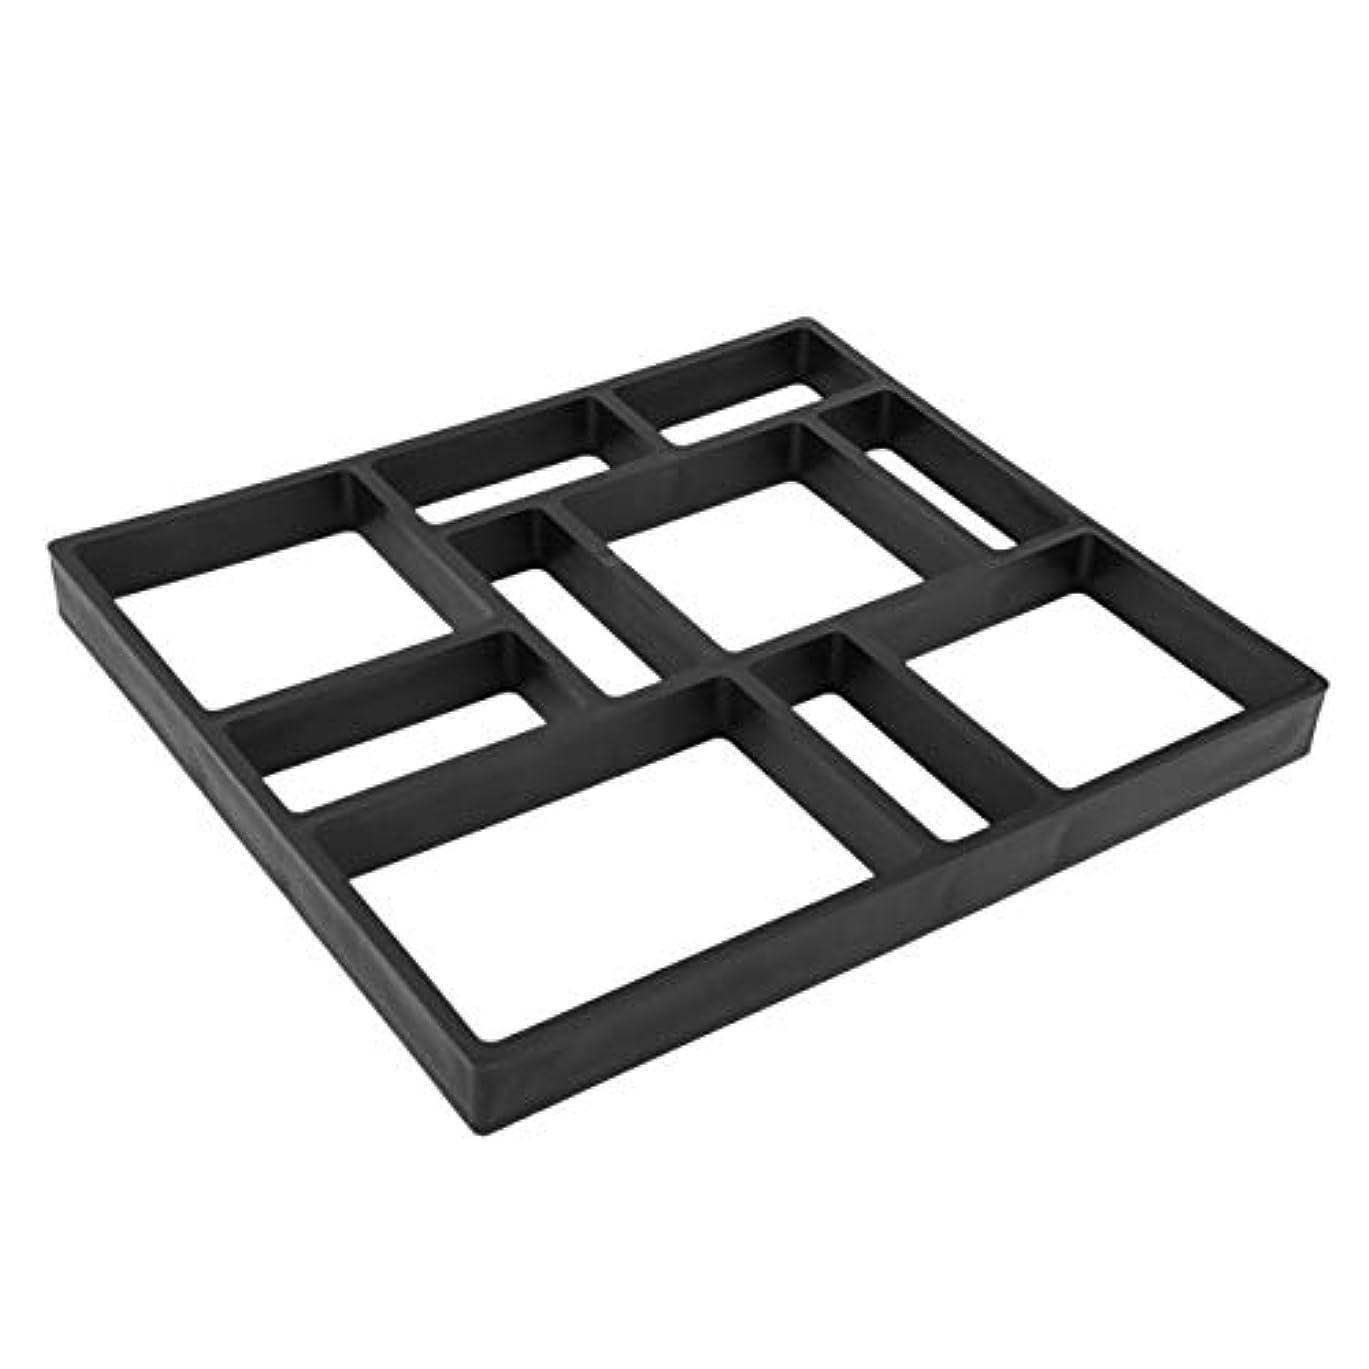 悪質な分析面白いSaikogoods DIY不規則な/矩形パターンパーソナライズされた舗装のコンクリートレンガ石屋外装飾庭パスのメーカー芝生 黒